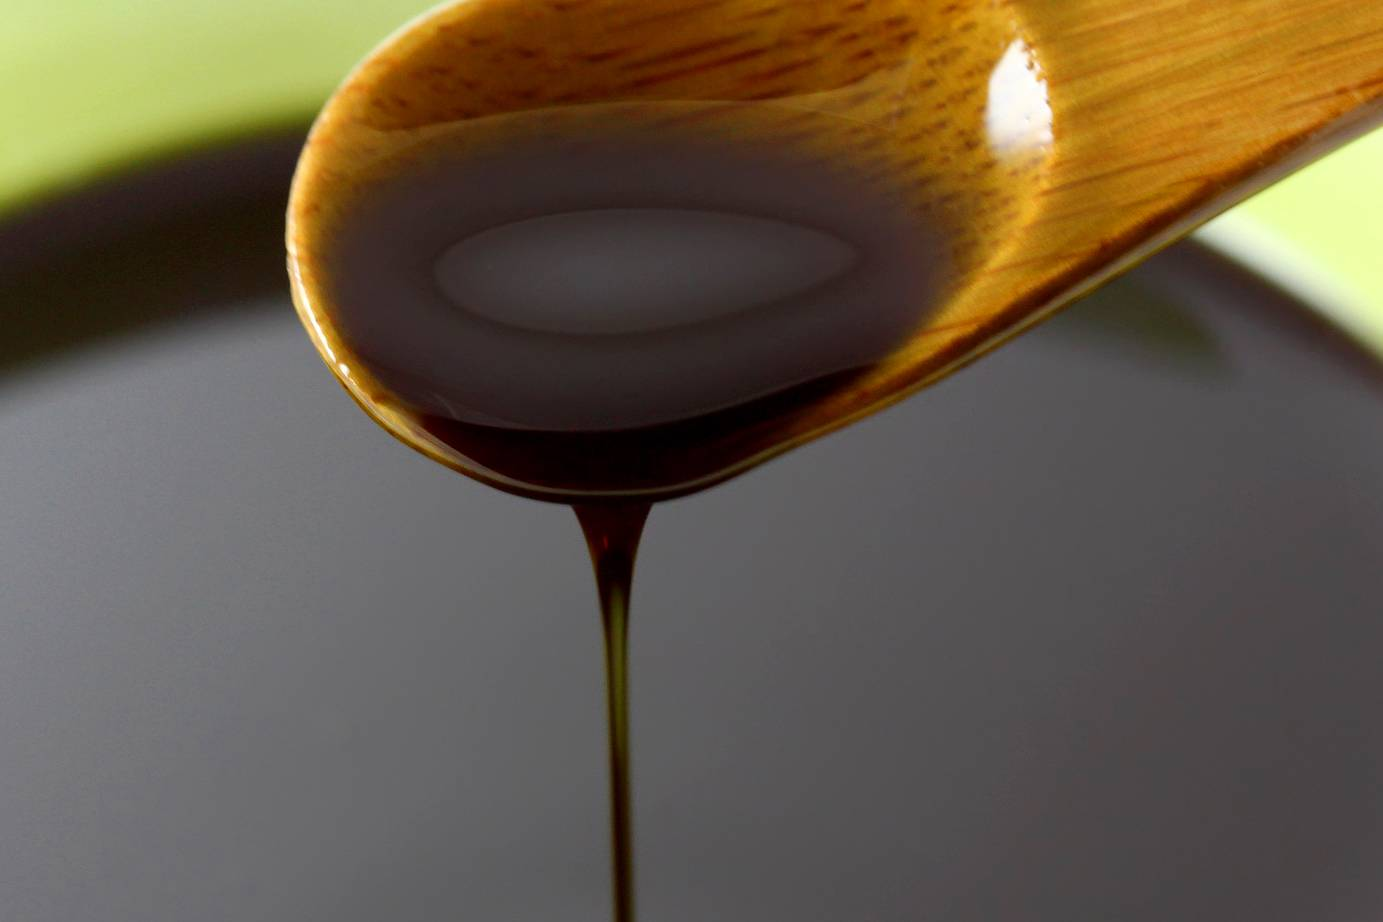 milyen vitaminokra van szksg a pikkelysmr kezelsben